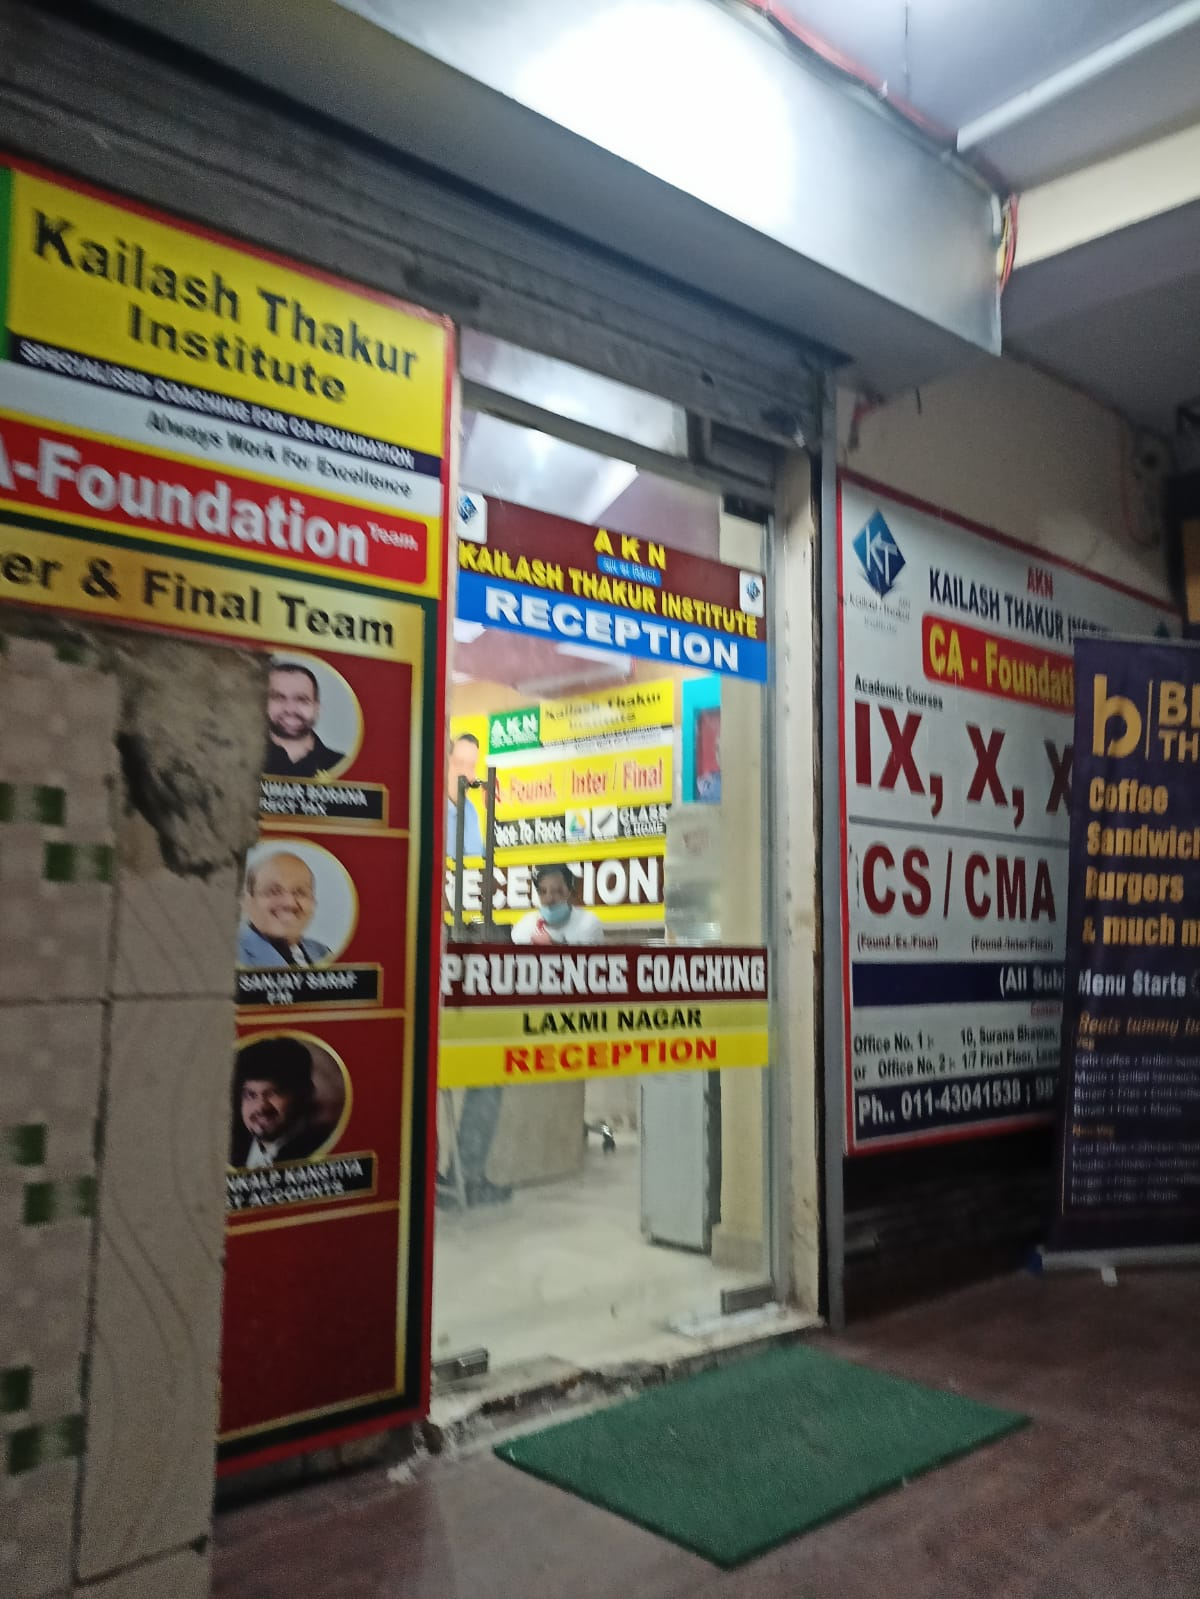 Kailash Thakur Institute Logo